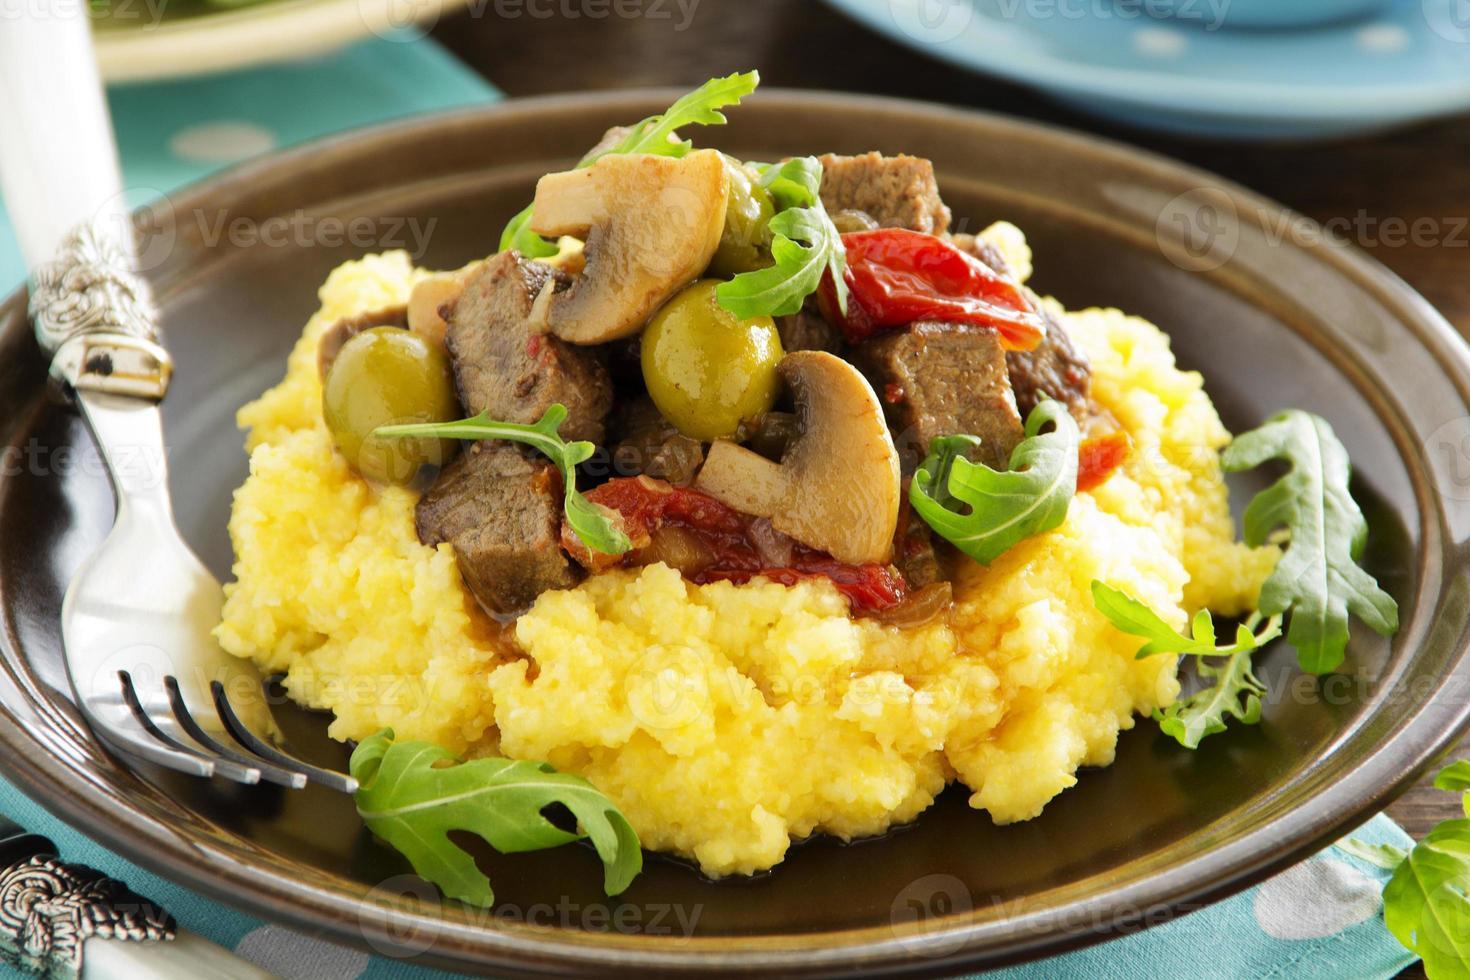 köstlicher Rindfleischeintopf mit Oliven, Pilzen und Polenta. foto